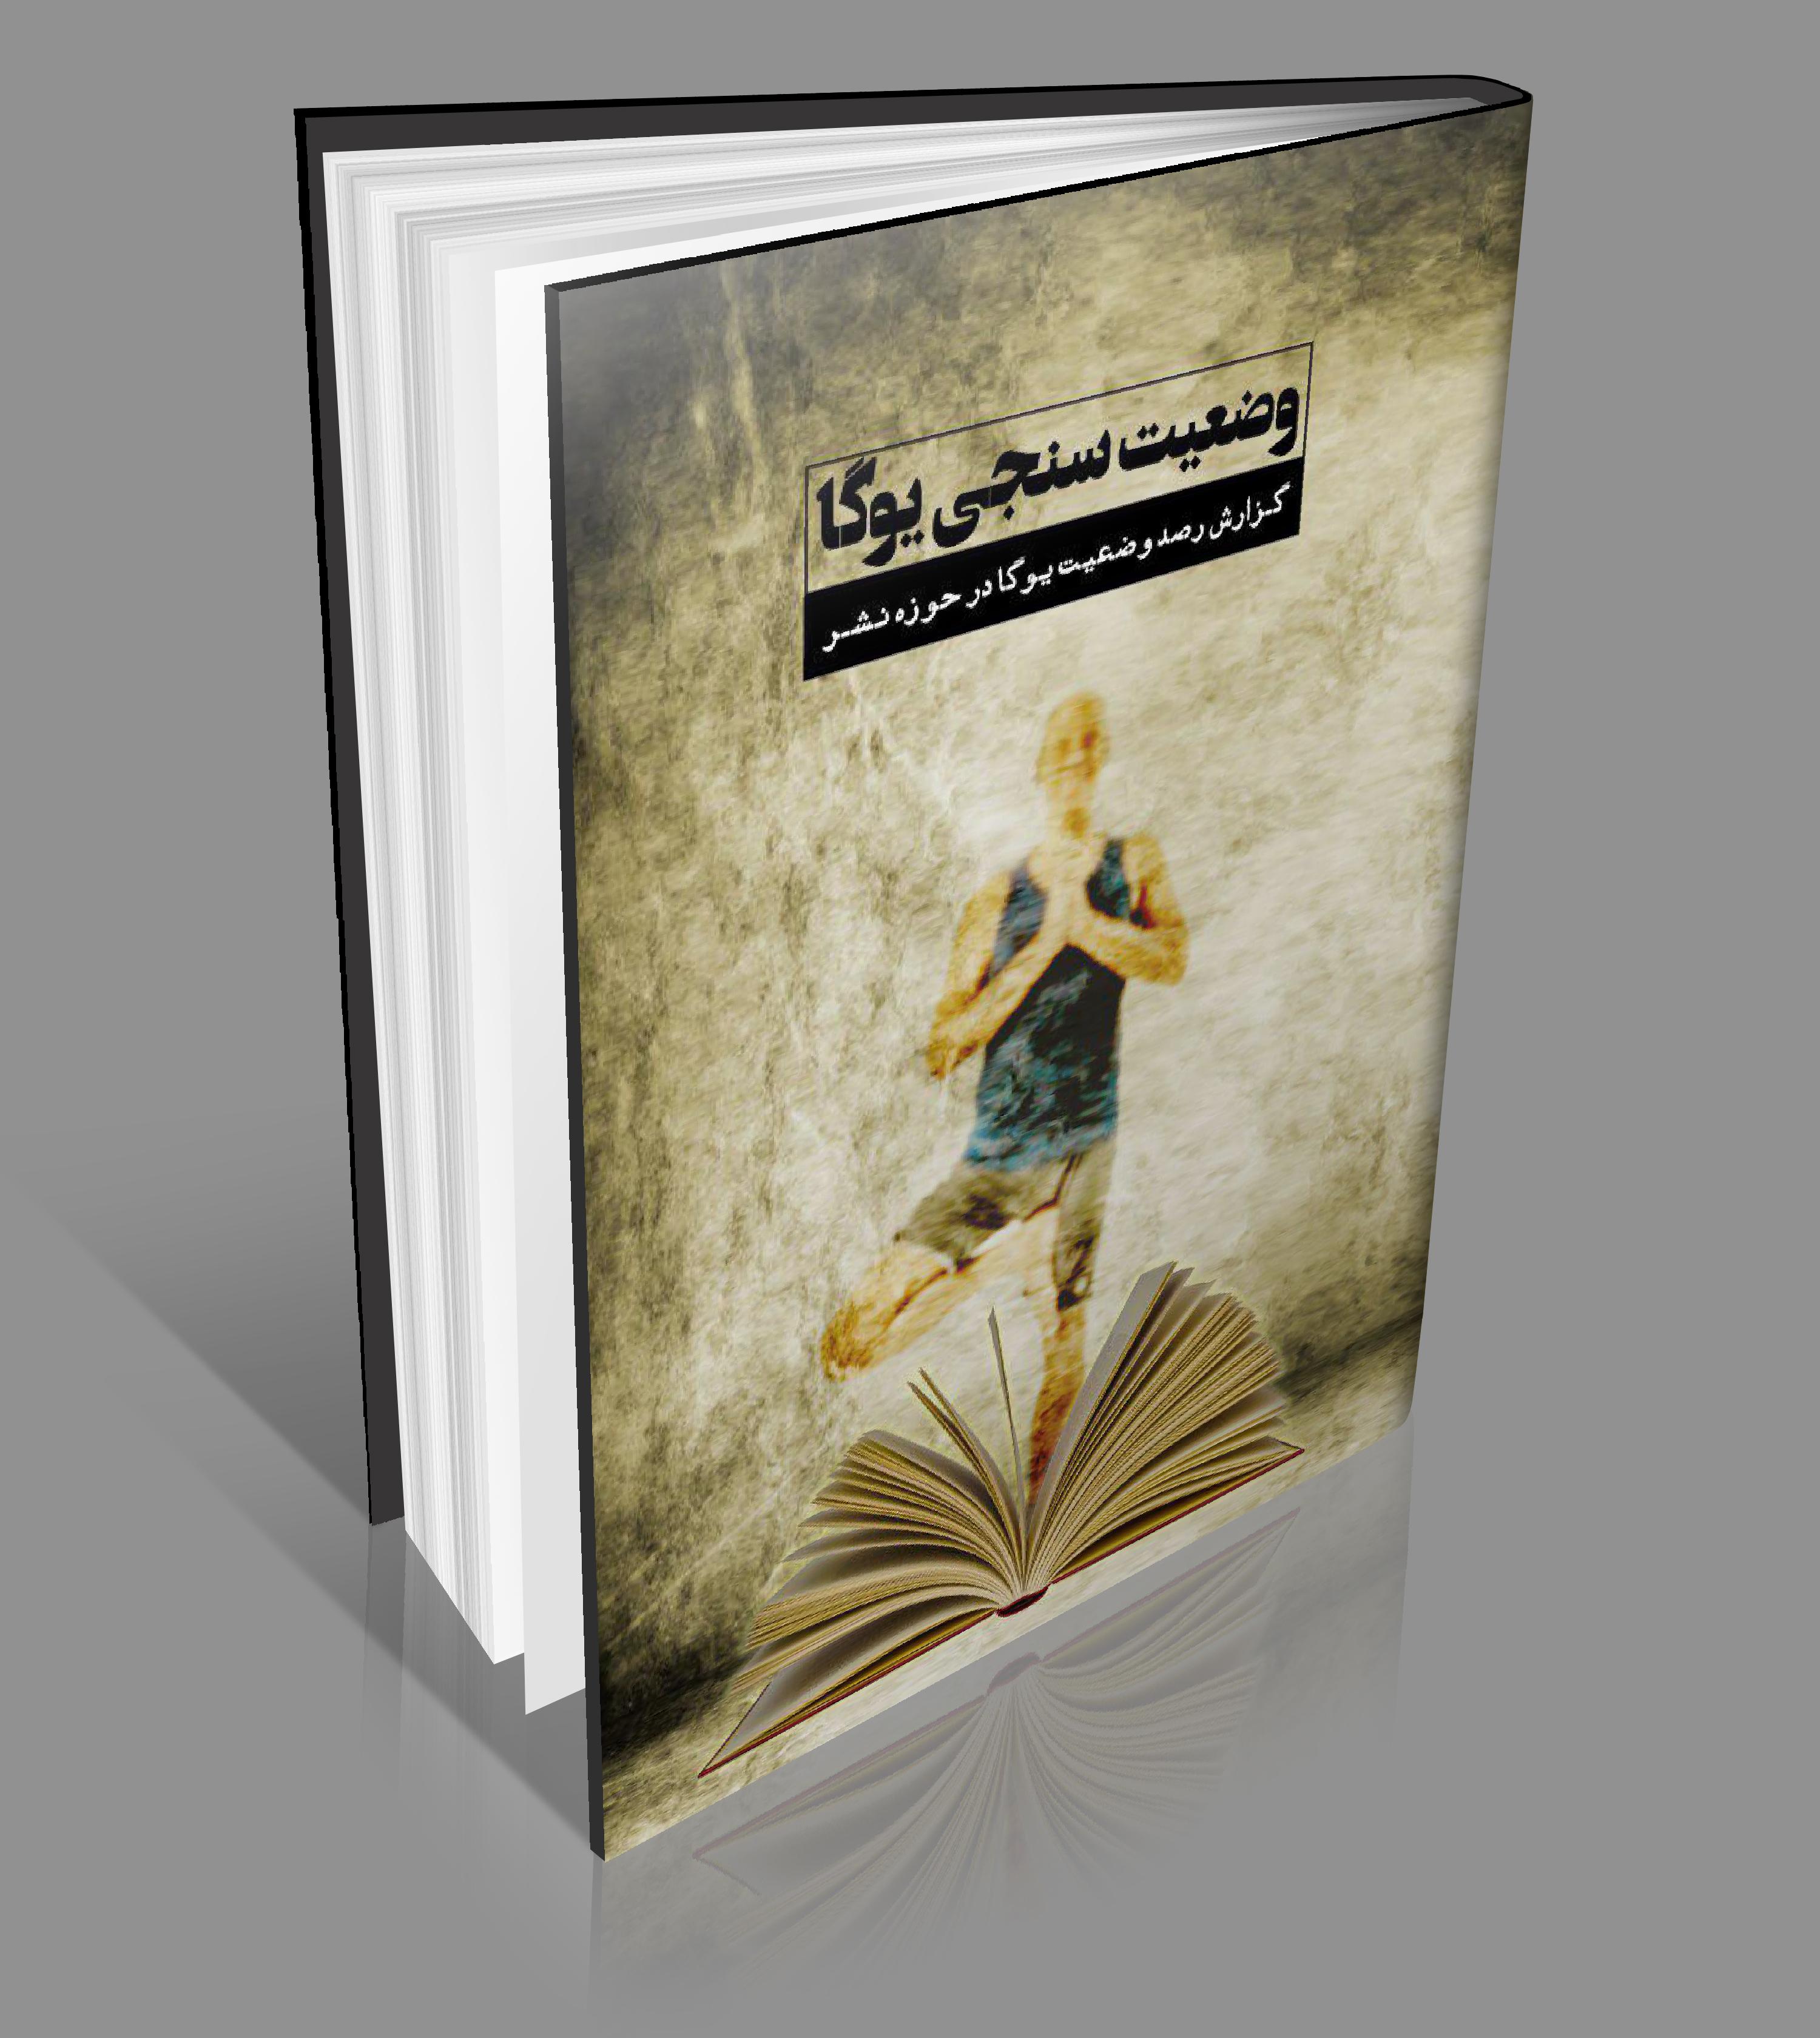 وضعیت سنجی یوگا در ایران توسطموسسه بهداشت معنوی انجام شد